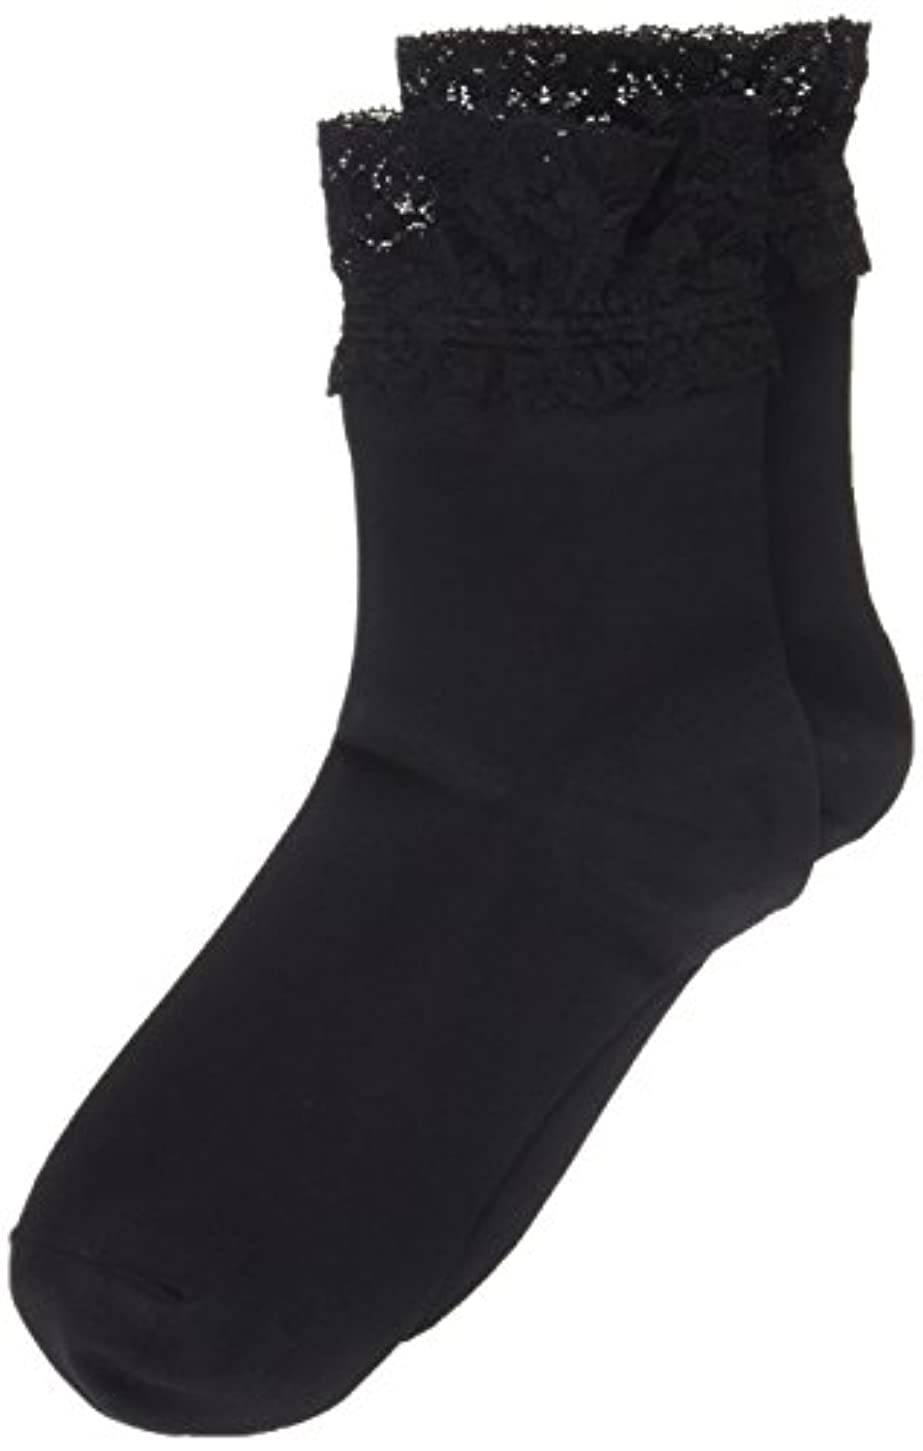 教授哺乳類グループAR0213 ミセススニーカーソックス(婦人靴下) ゆったりはきやすい 22-24cm ブラック